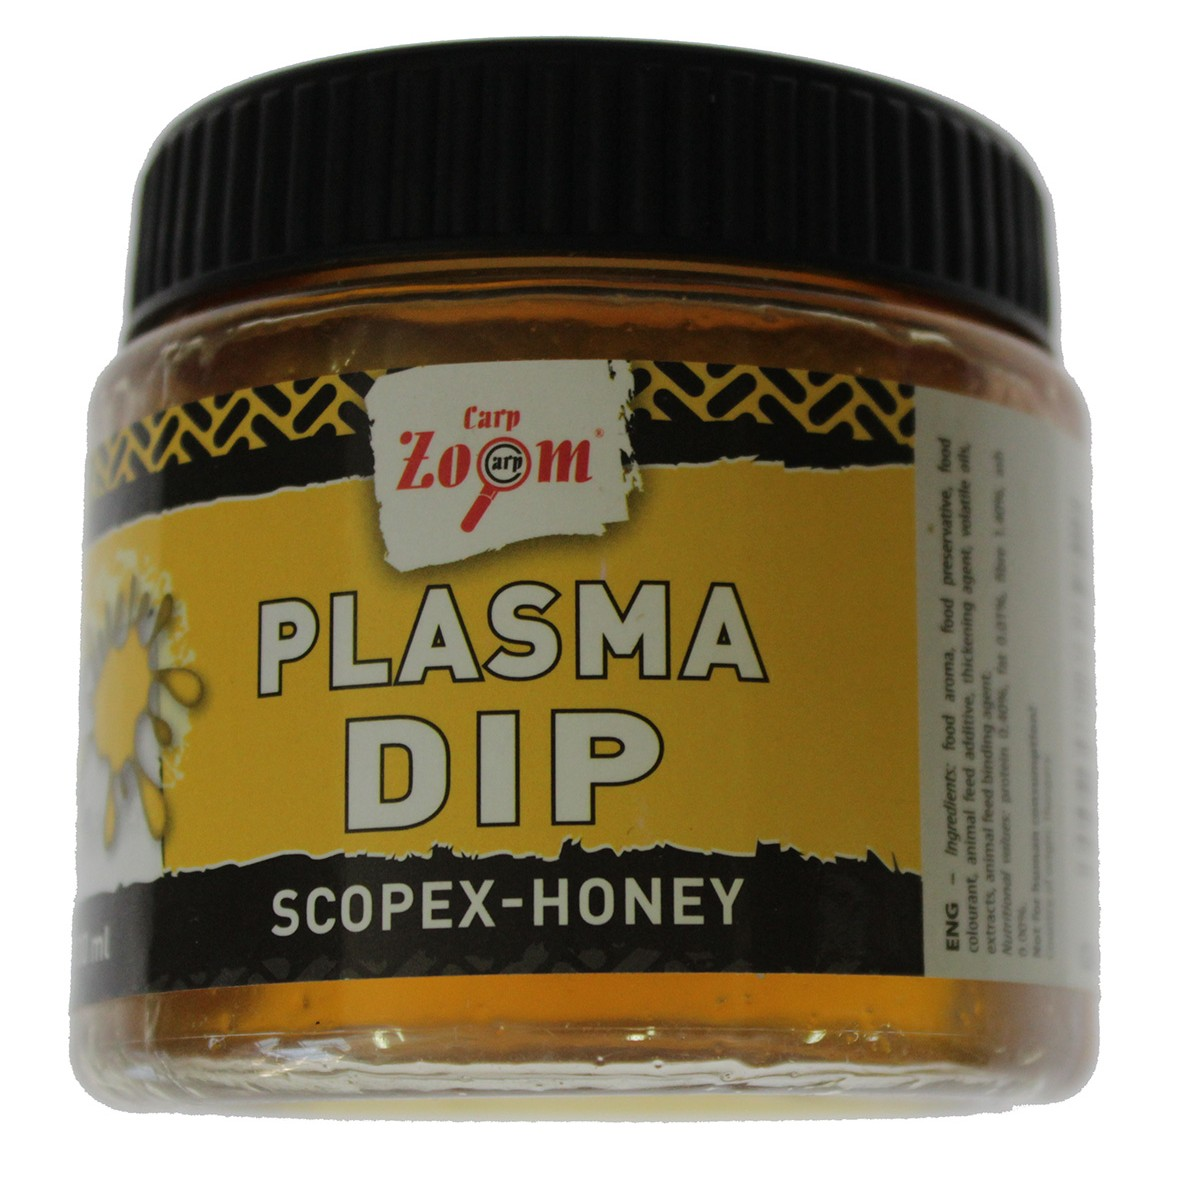 Carp Zoom Plasma Dip, scopex, honey